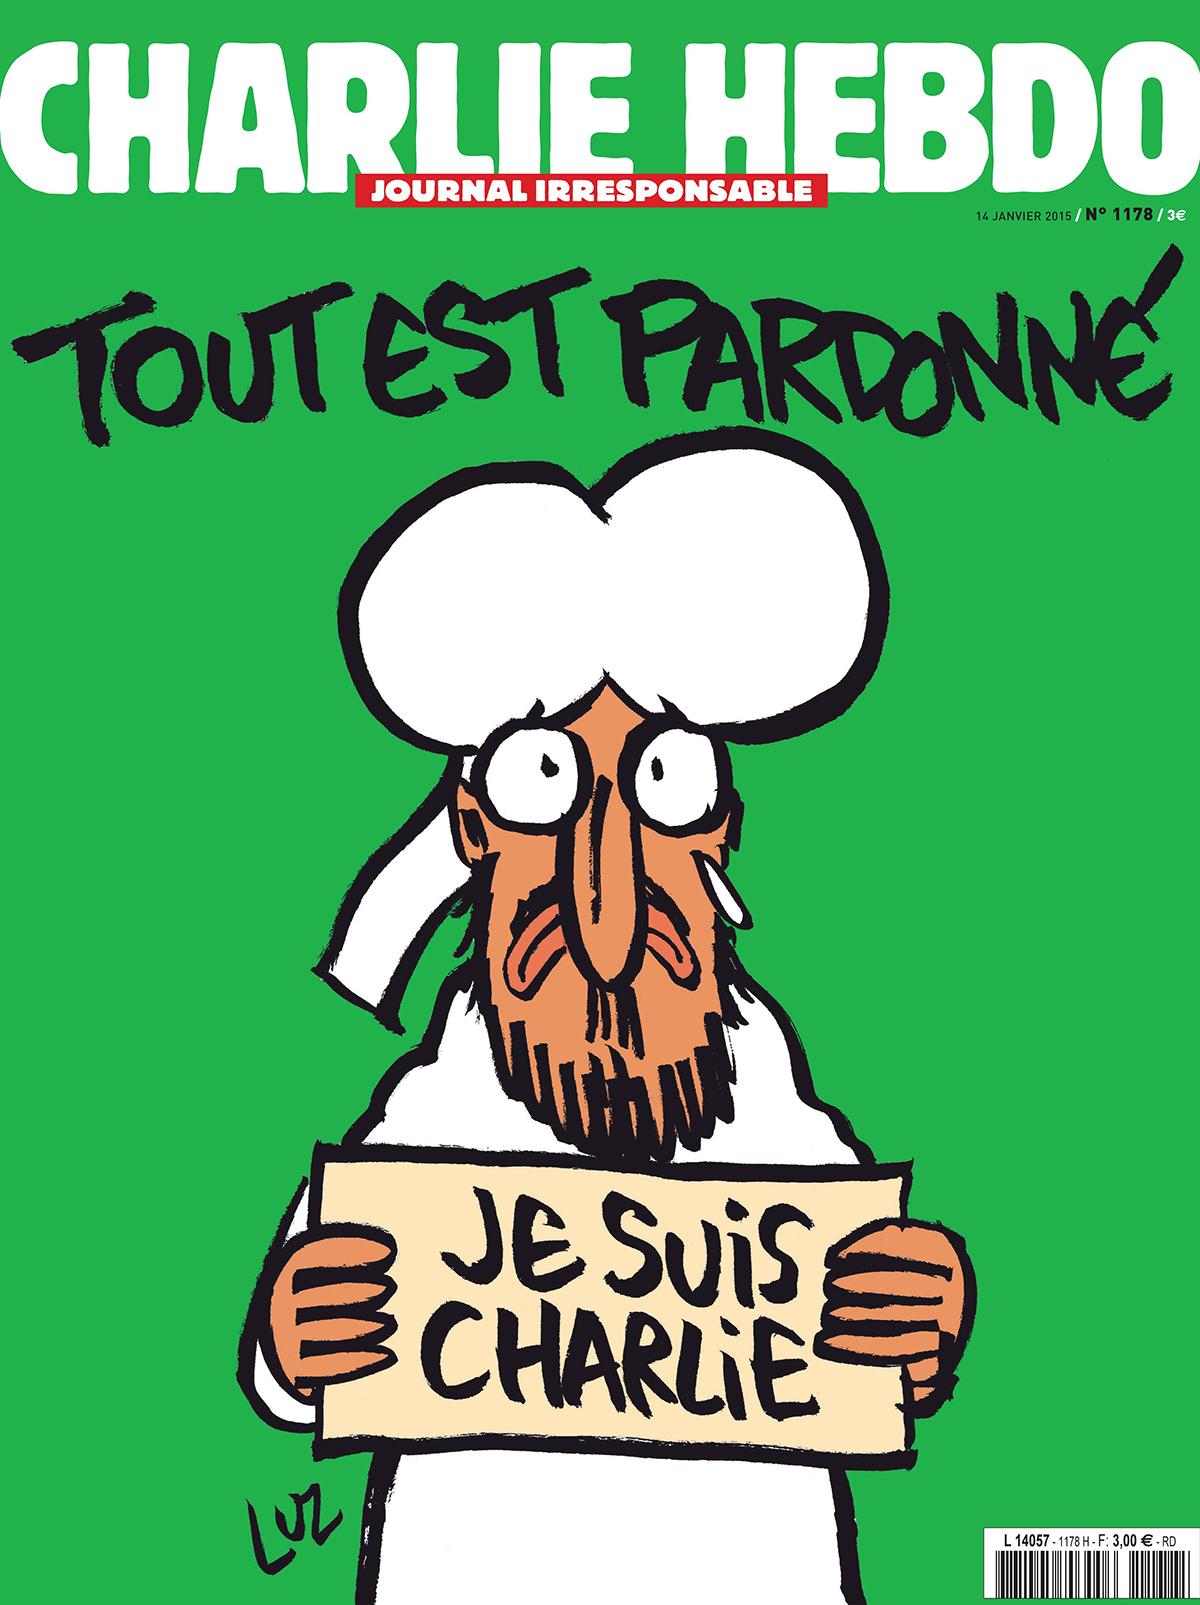 Charlie Hebdo, ISIS, al-Qaeda